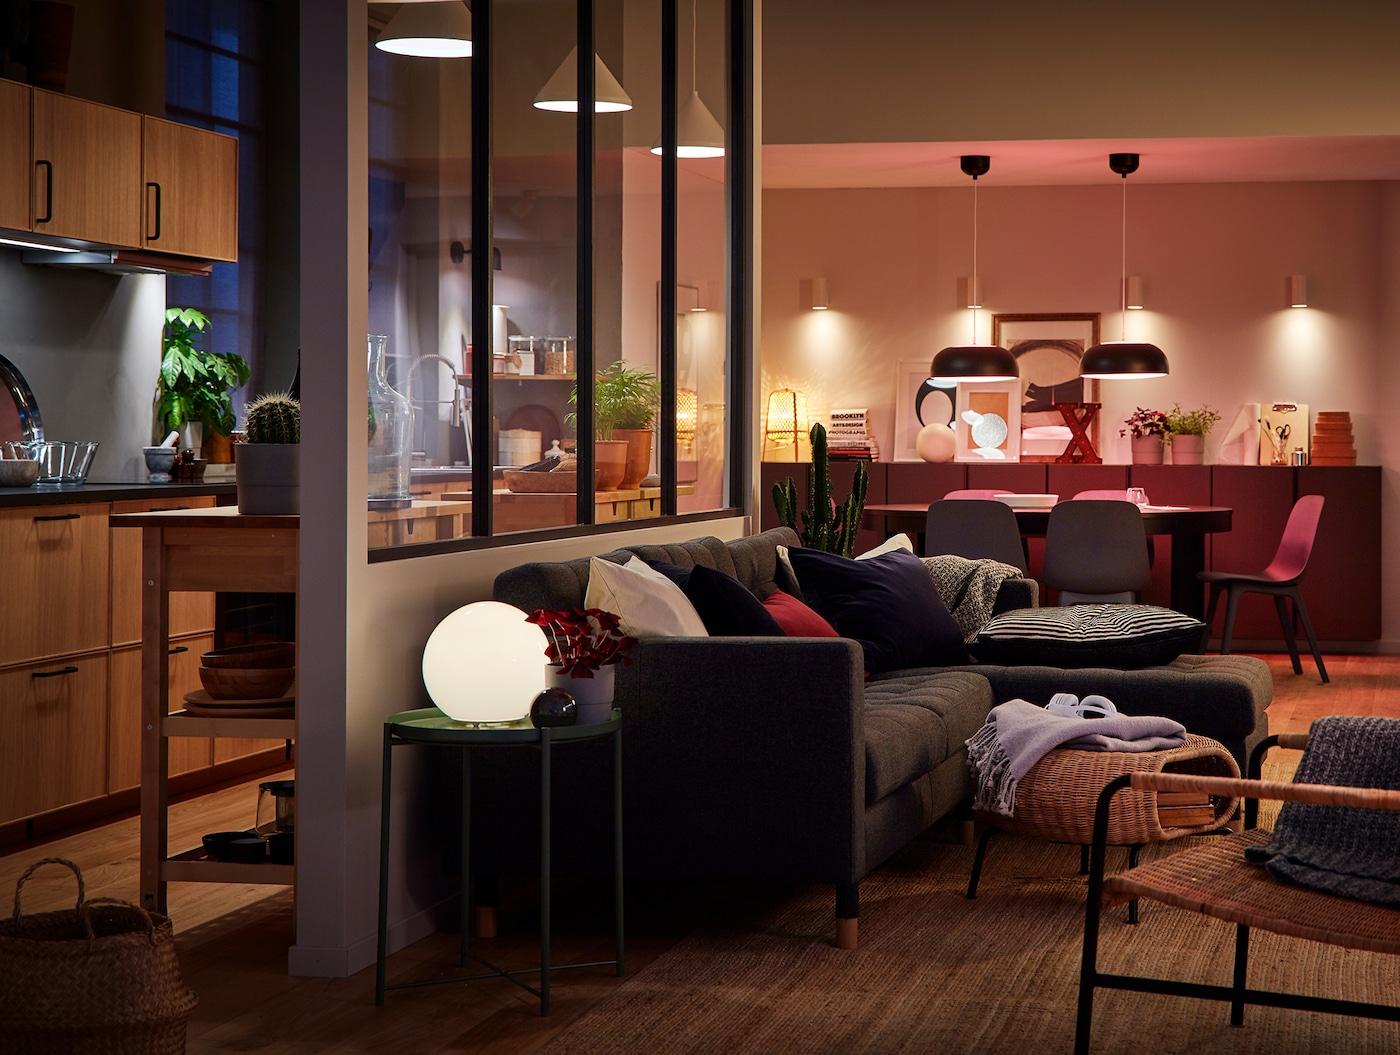 다양한 TRÅDFRI 트로드프리 스마트 조명으로 꾸민 오픈 플랜식 거실과 다이닝룸, 주방